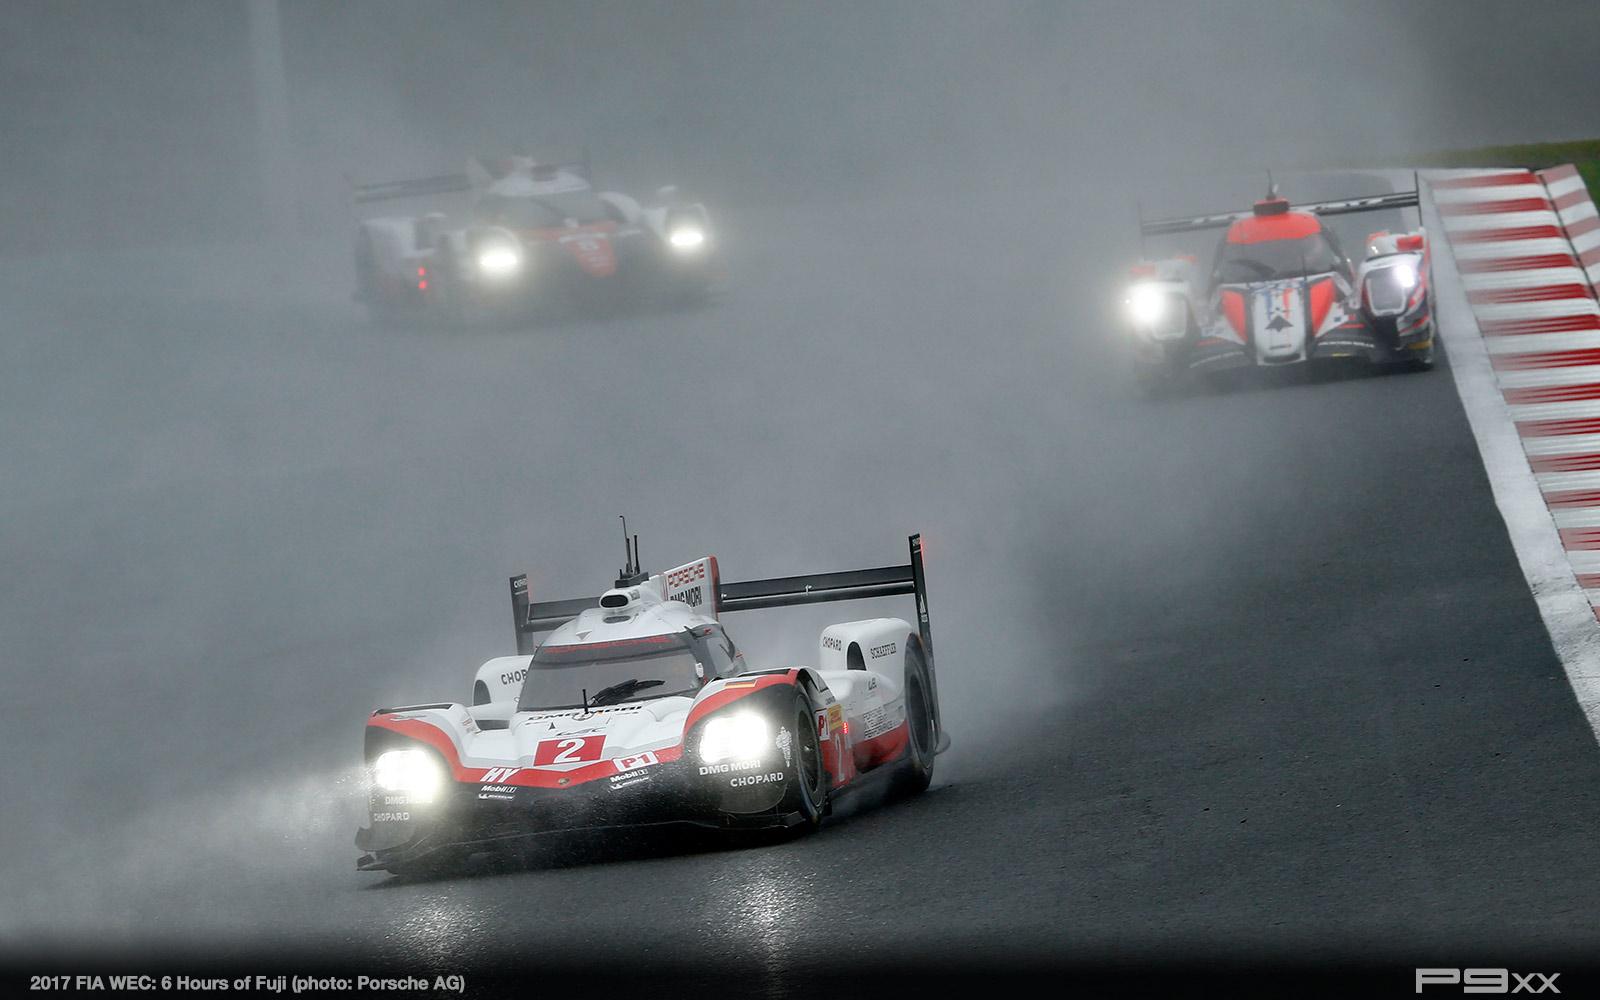 2017-FIA-WEC-6h-of-Fuji-Porsche-438